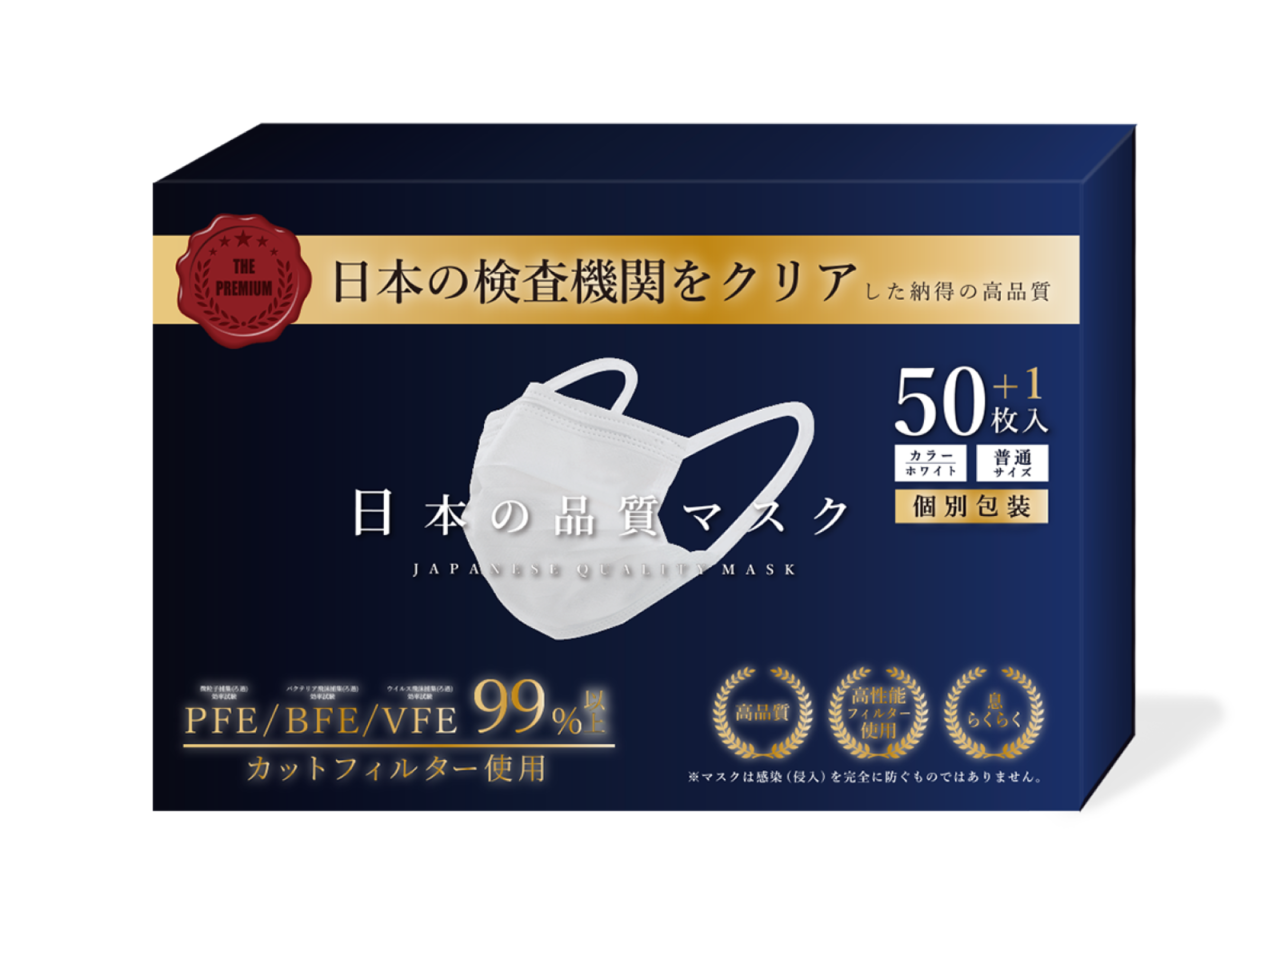 """微粒子カット99%。51枚入700円『日本の品質マスク』に""""細耳紐タイプ""""が新登場。"""